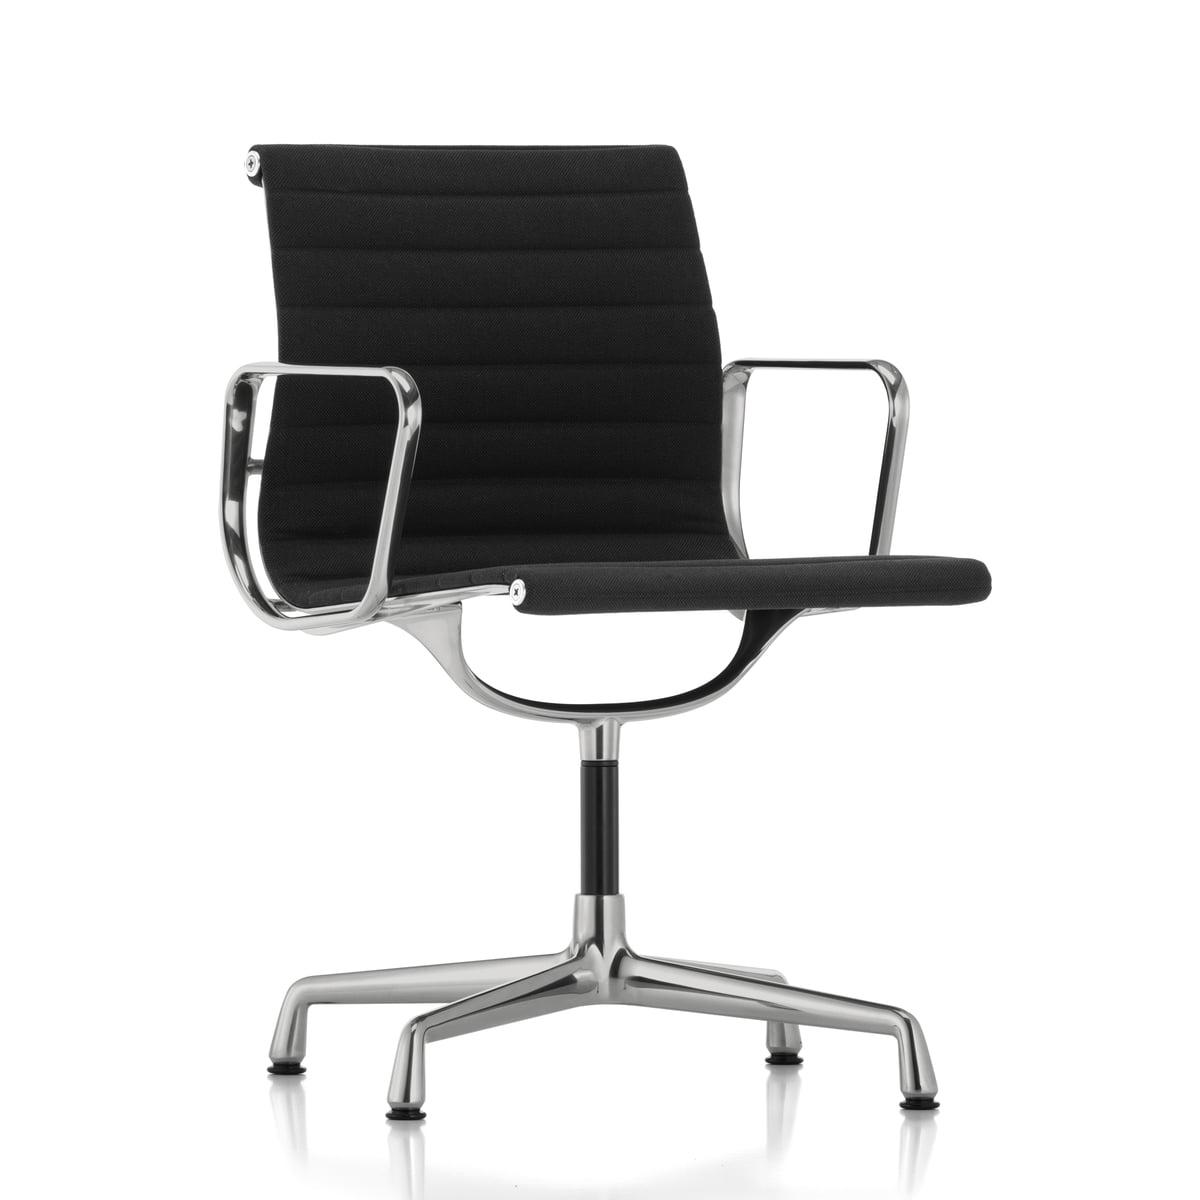 Bürostuhl Designklassiker Vitra aluminium ea 103 stuhl vitra connox